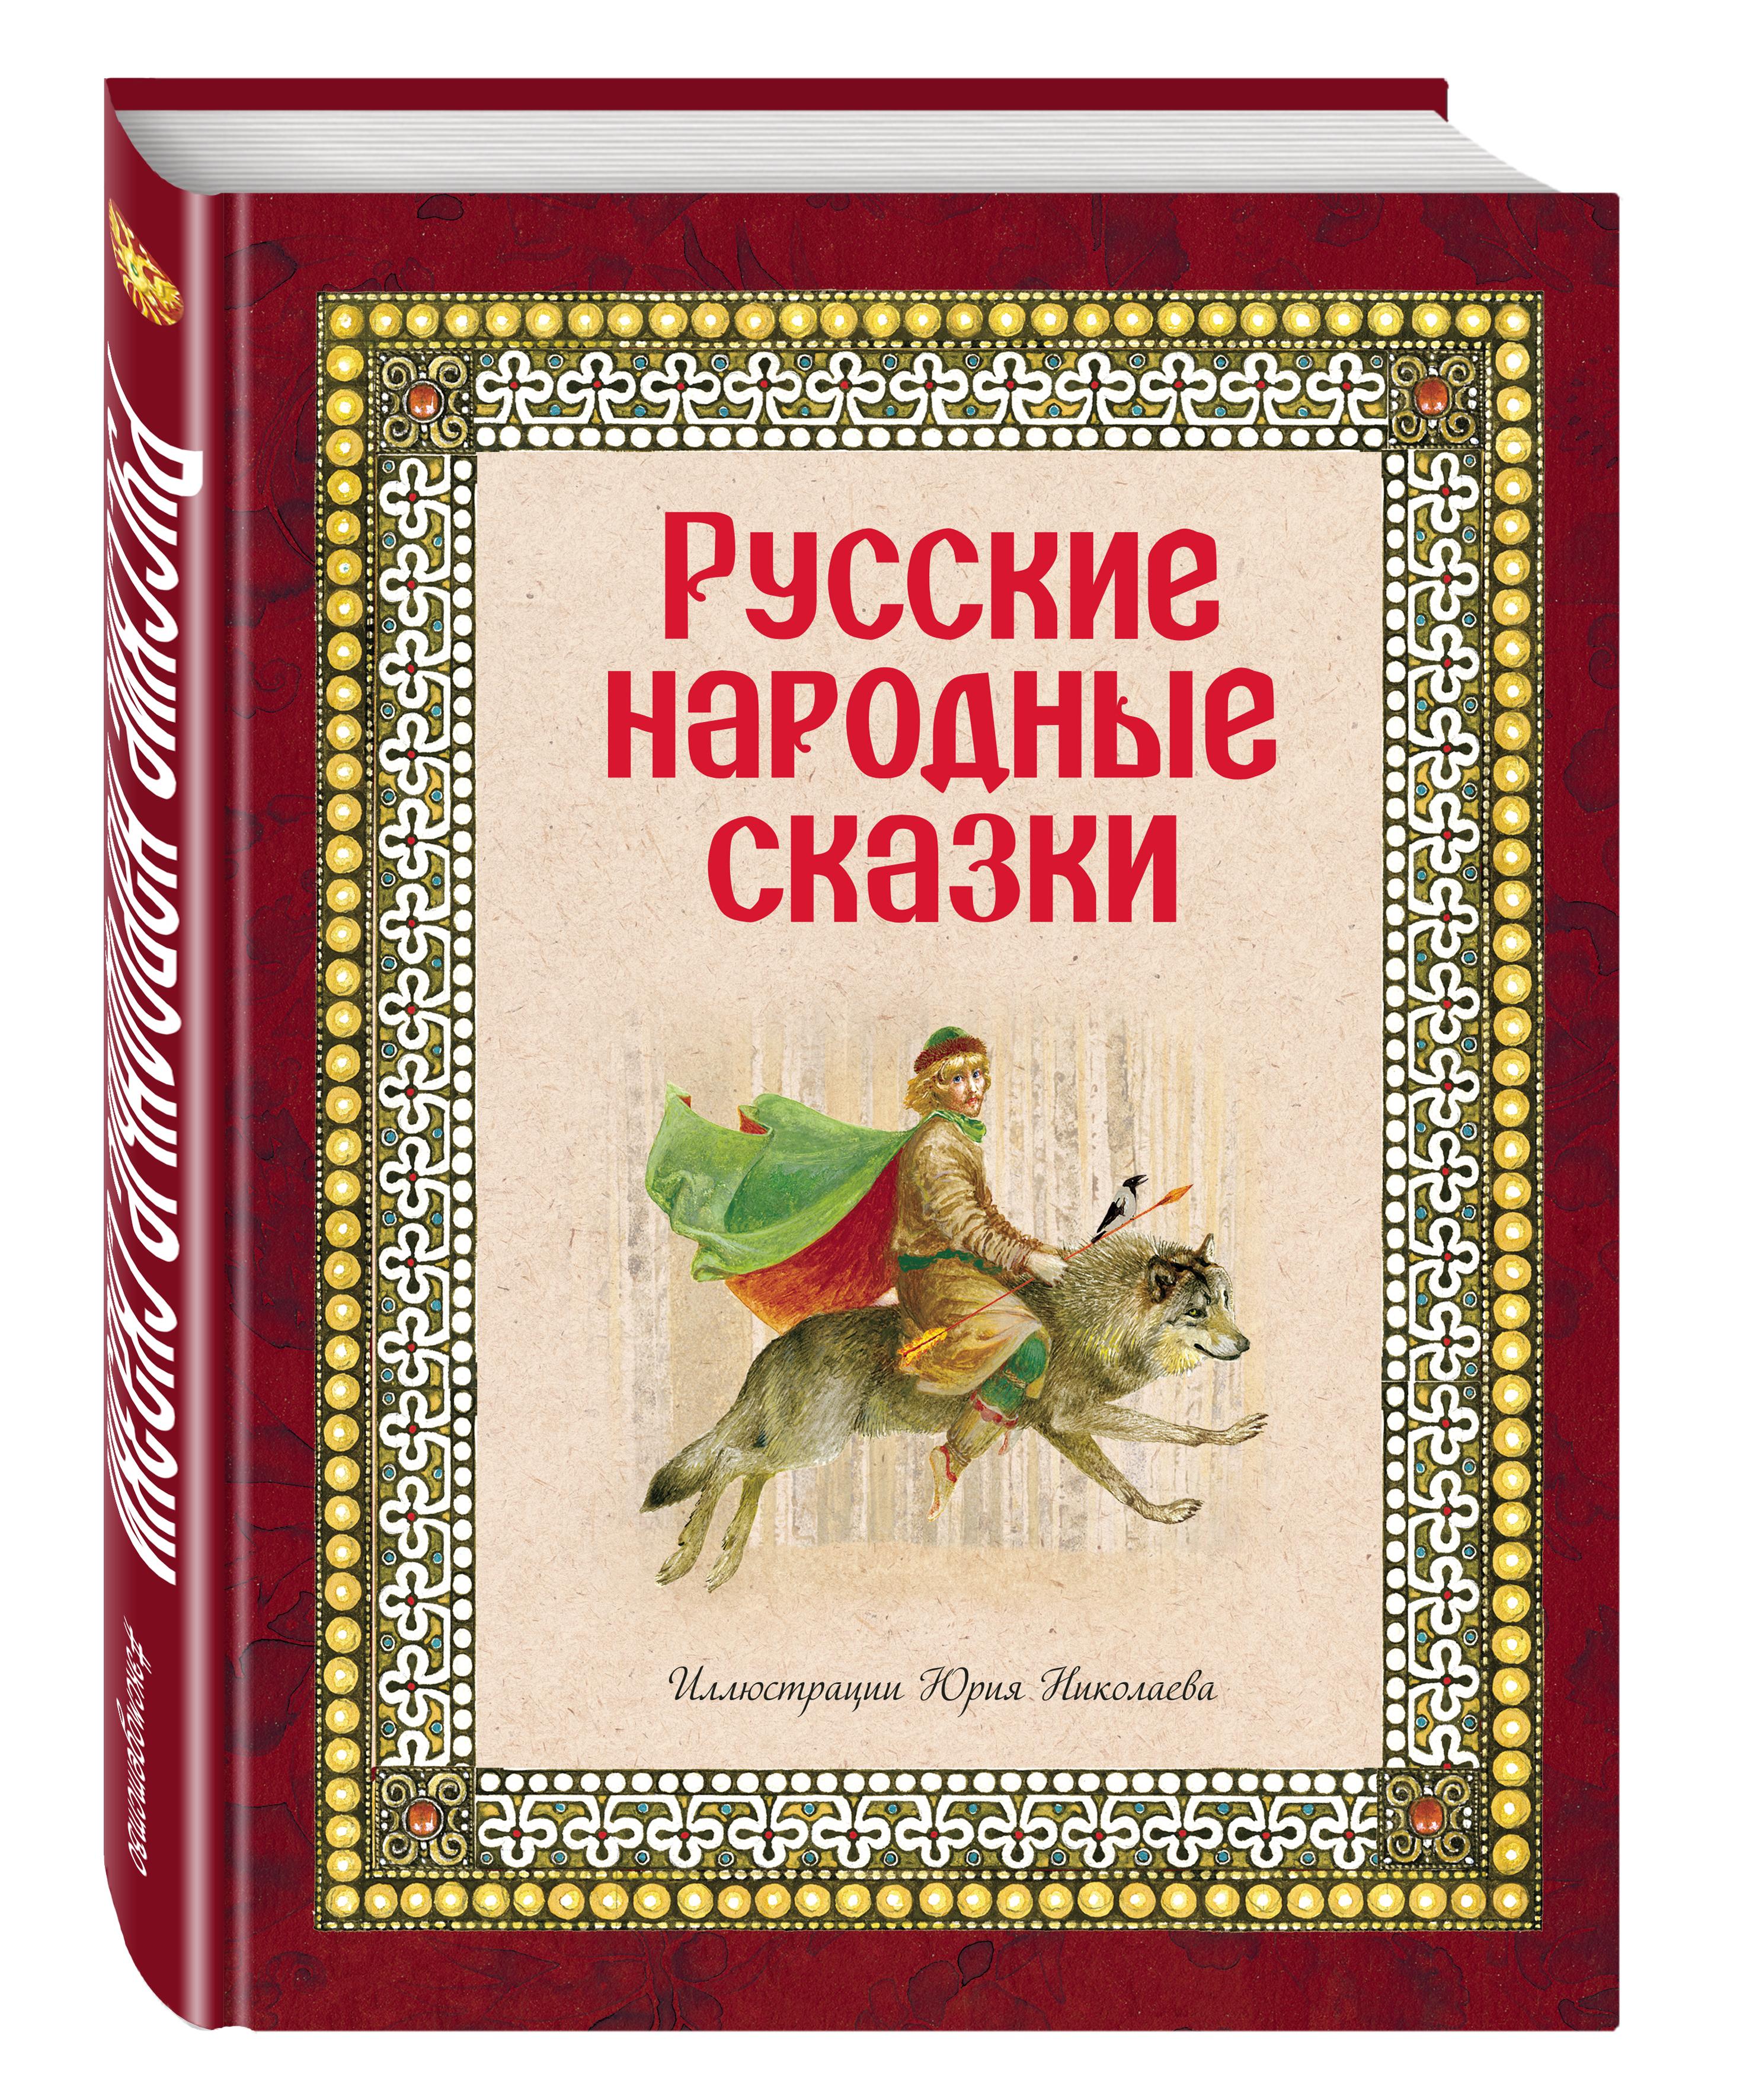 Русские народные сказки (ил. Ю. Николаева) в жданова ю щеголева ю сорокин русские и русскость